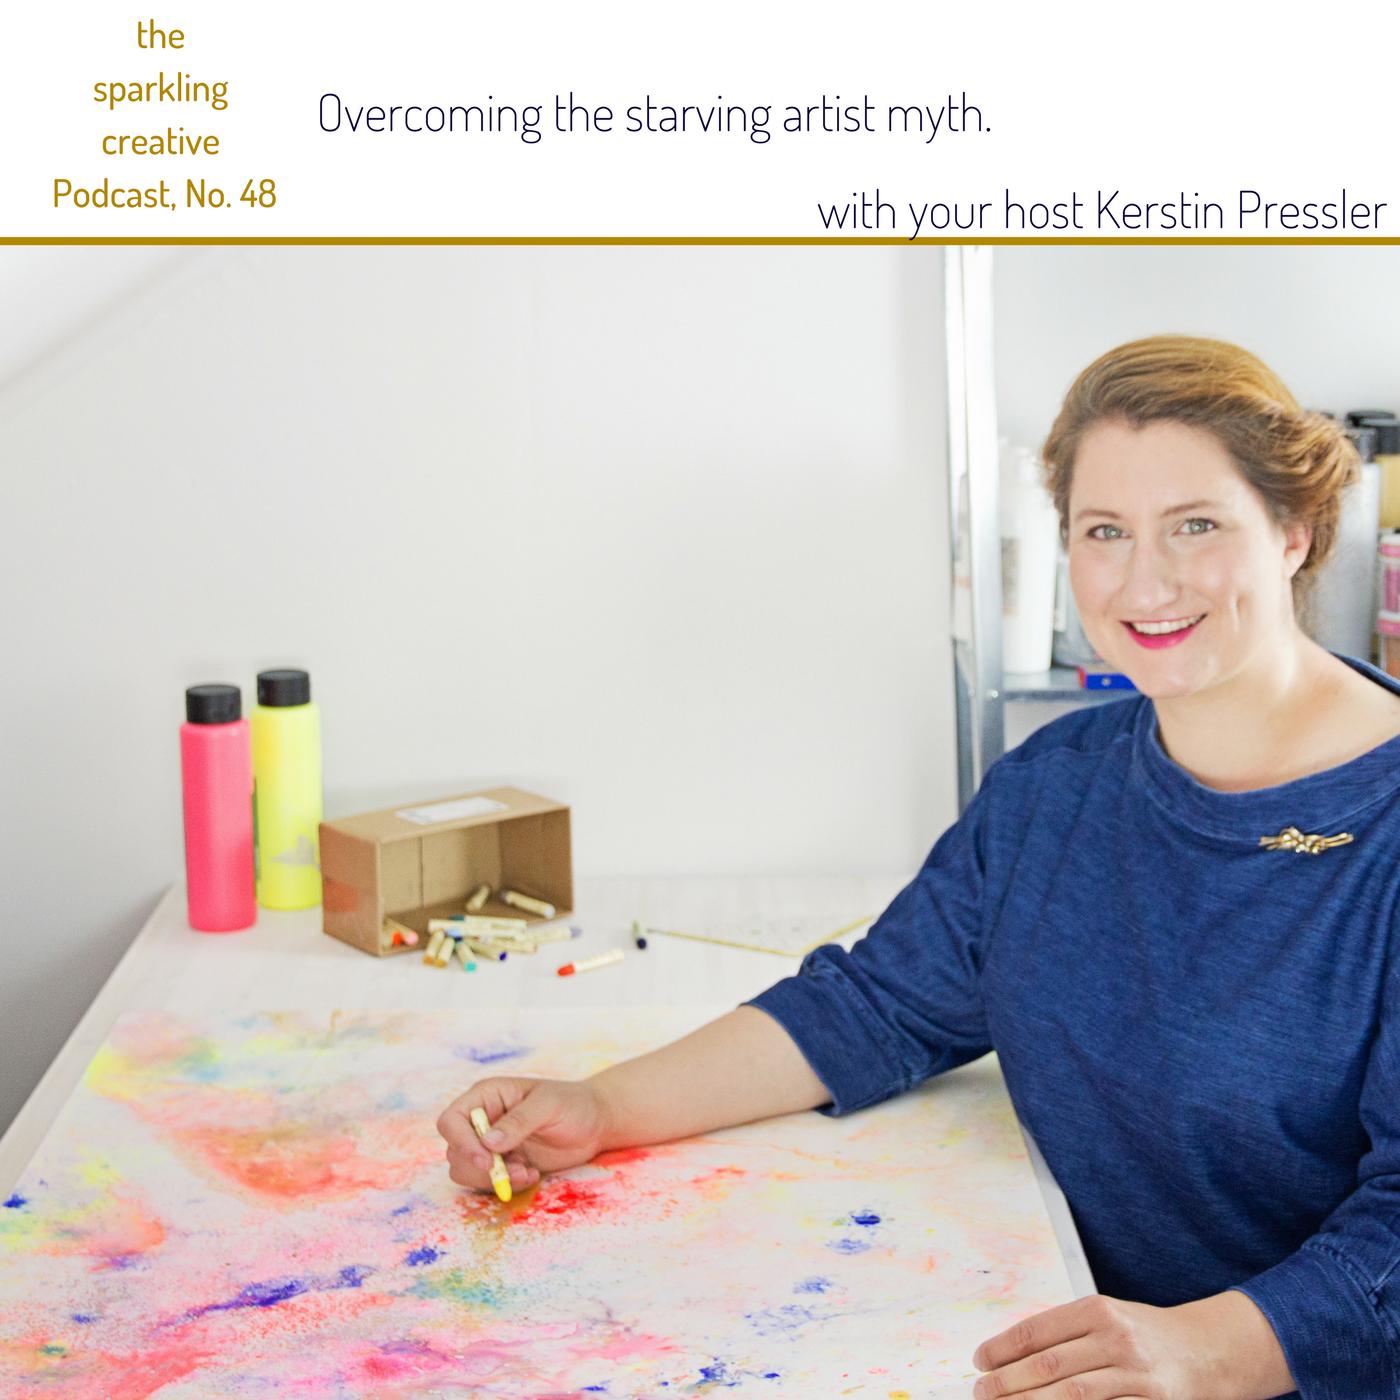 the sparkling creative podcast, Episode 48: Overcoming the starving artist myth, Kerstin Pressler, www.kerstinpressler.com/blog-2/episode48